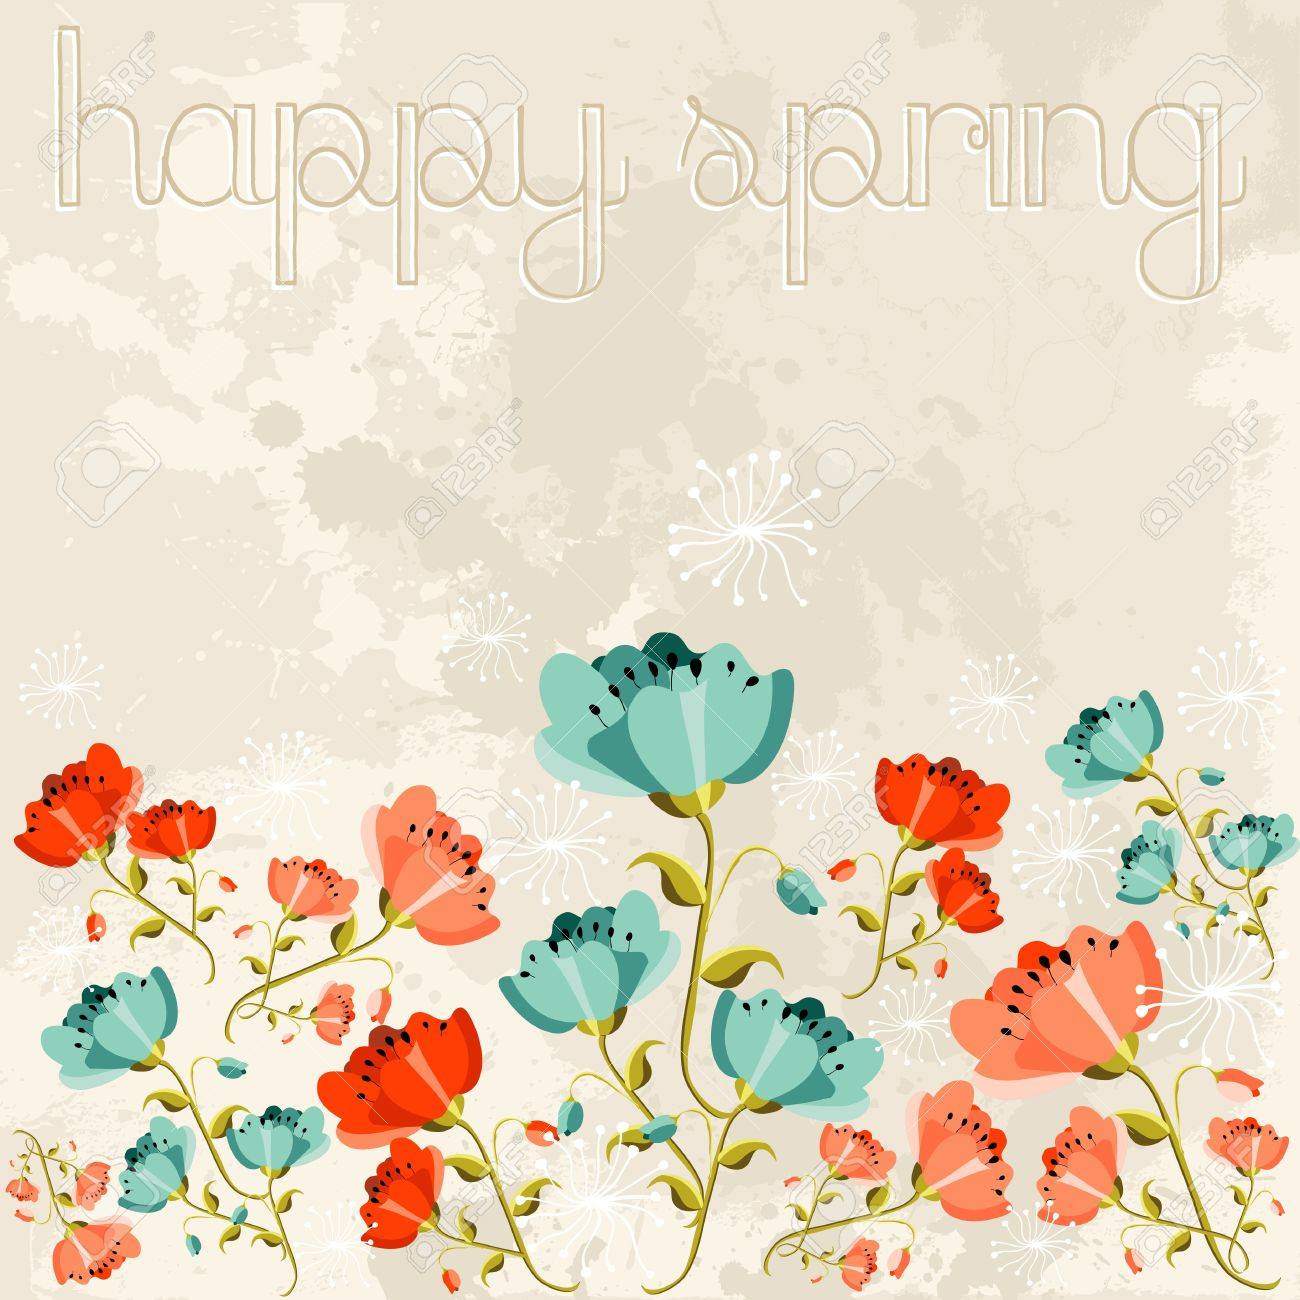 かわいい春シーズンのケシの花の背景。ベクトル イラストを簡単に操作